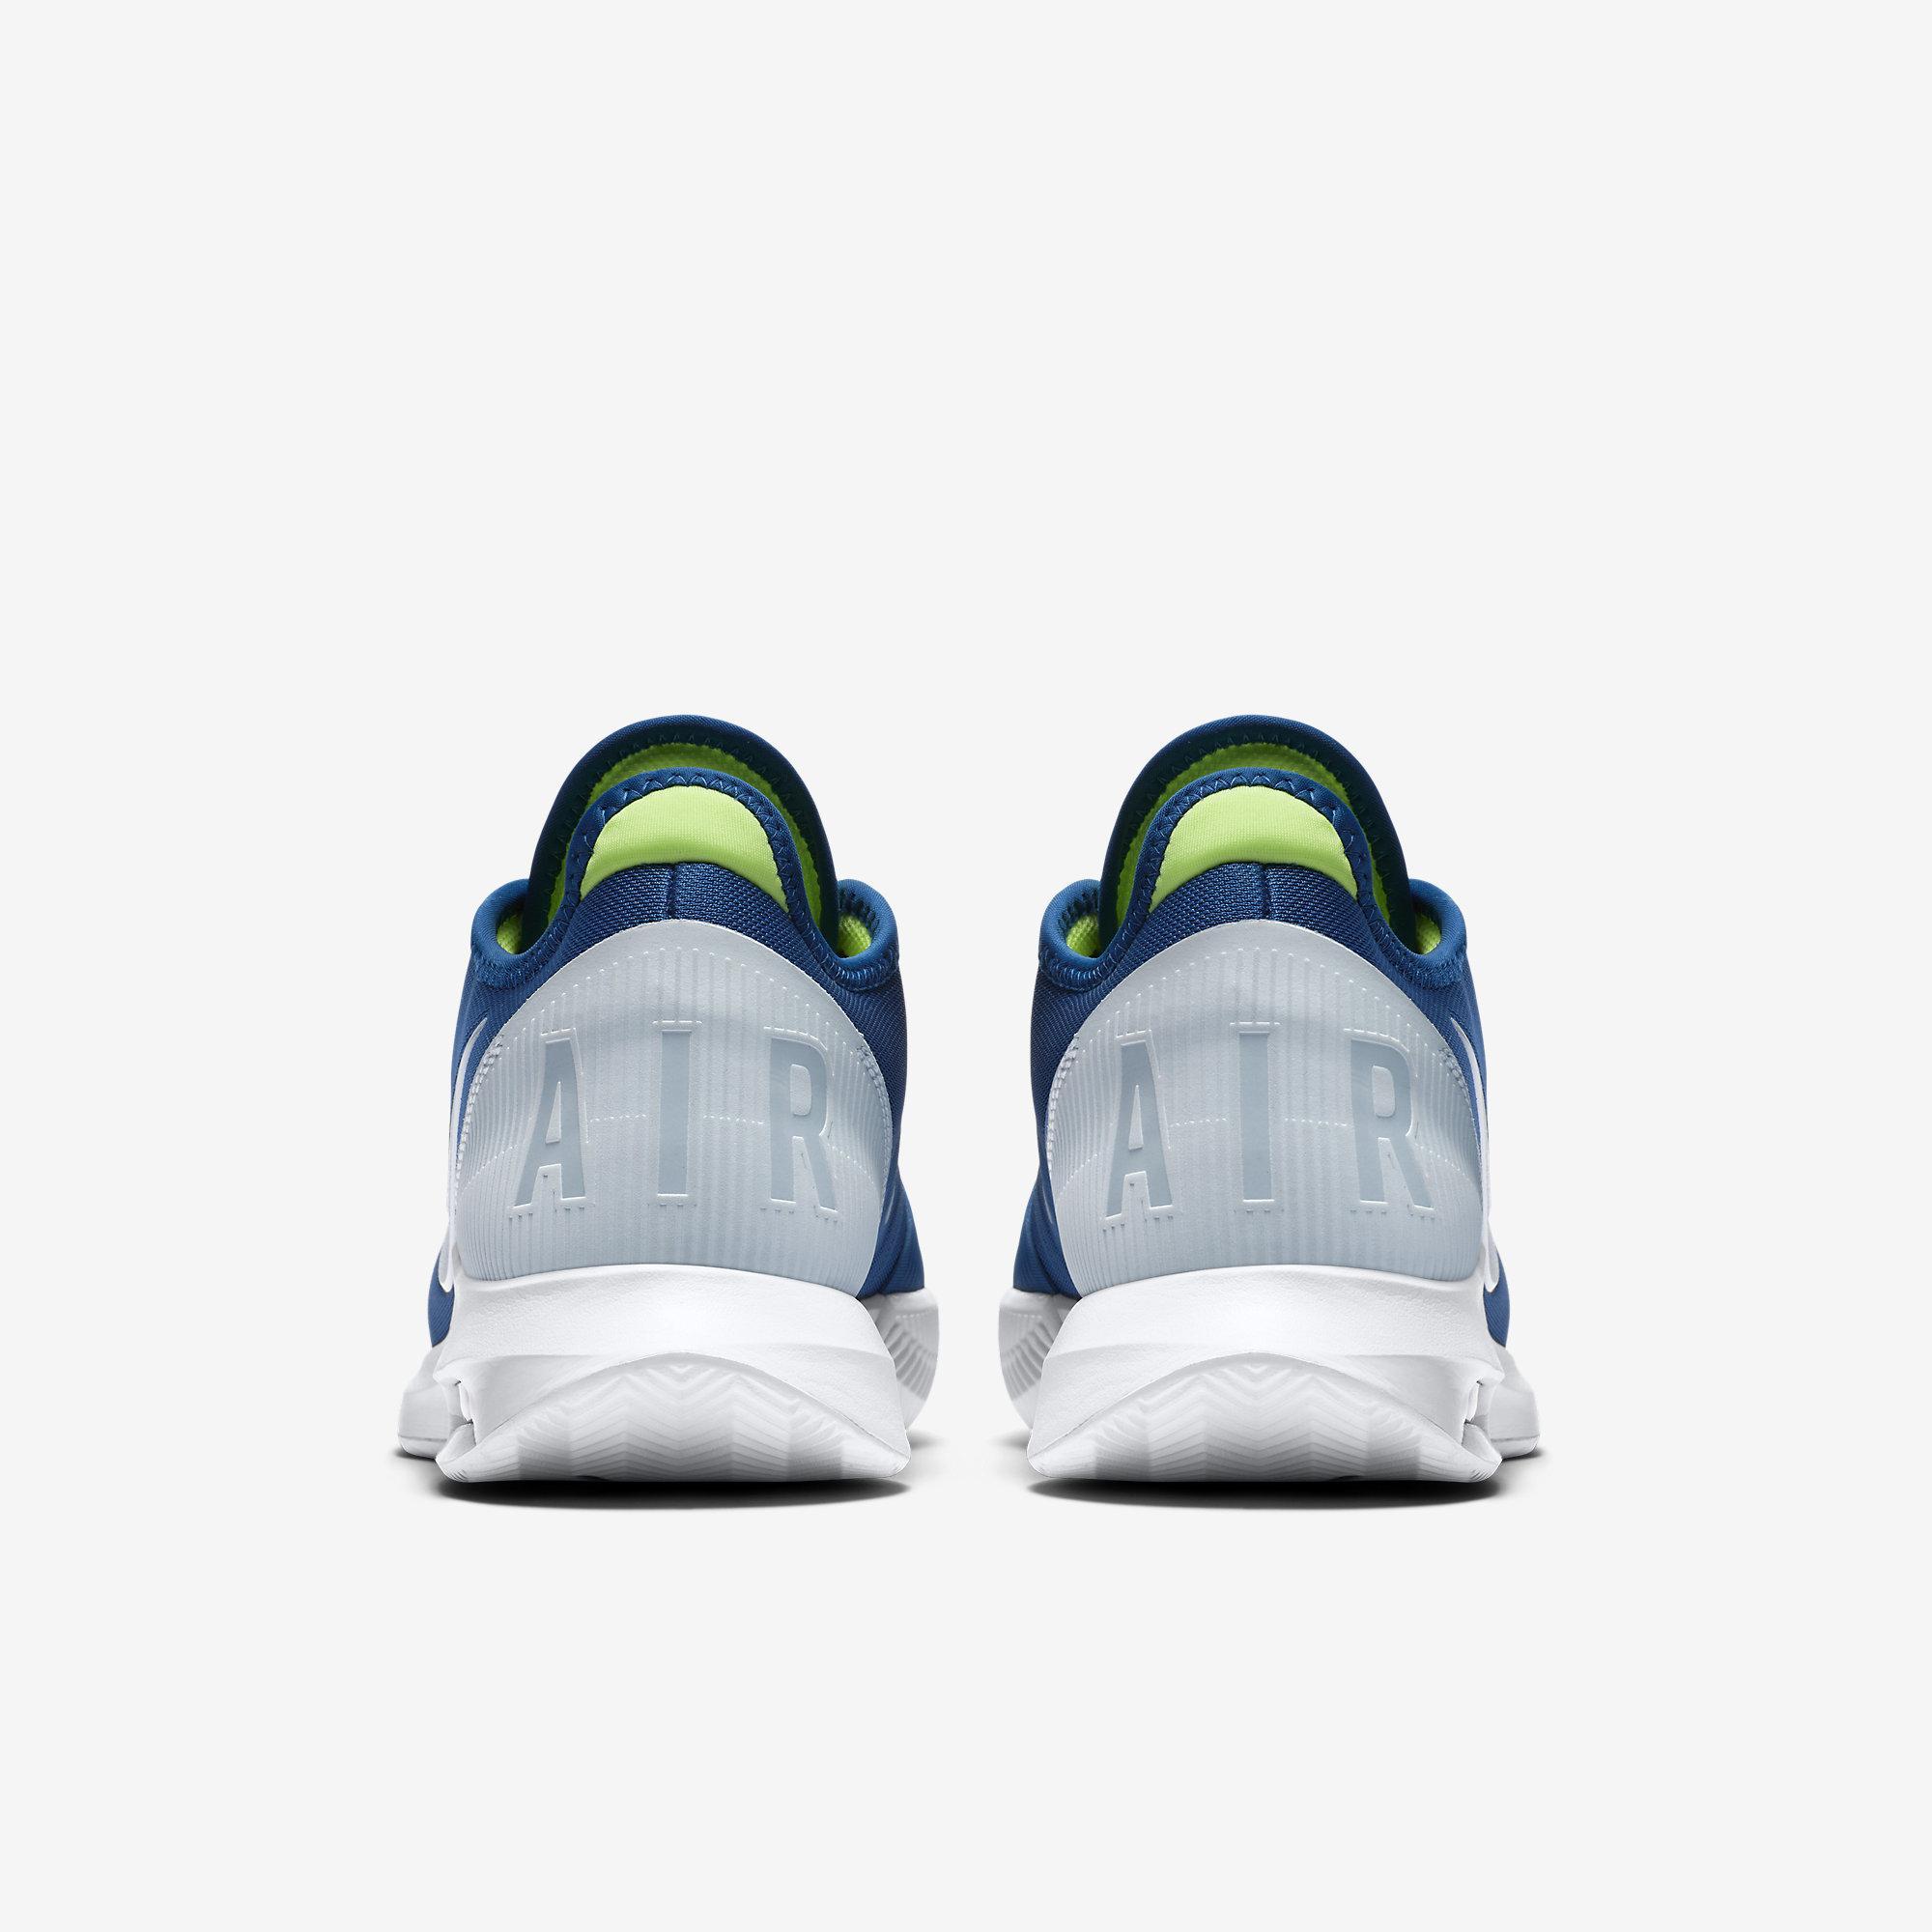 Nike Mens Air Max Wildcard Clay - Indigo Force/Half Blue